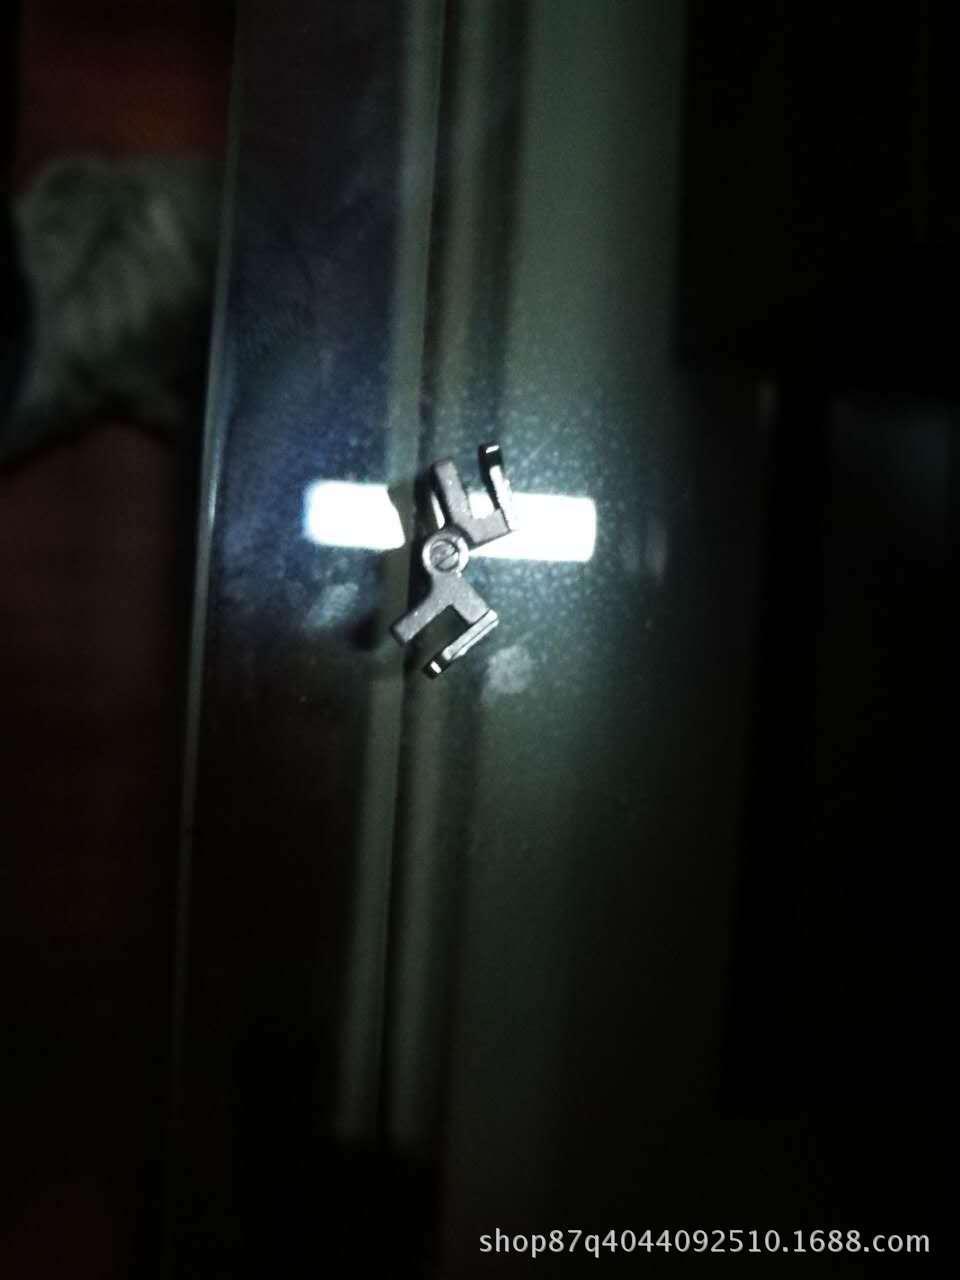 金属粉末注射成型不锈钢304眼镜铰链,